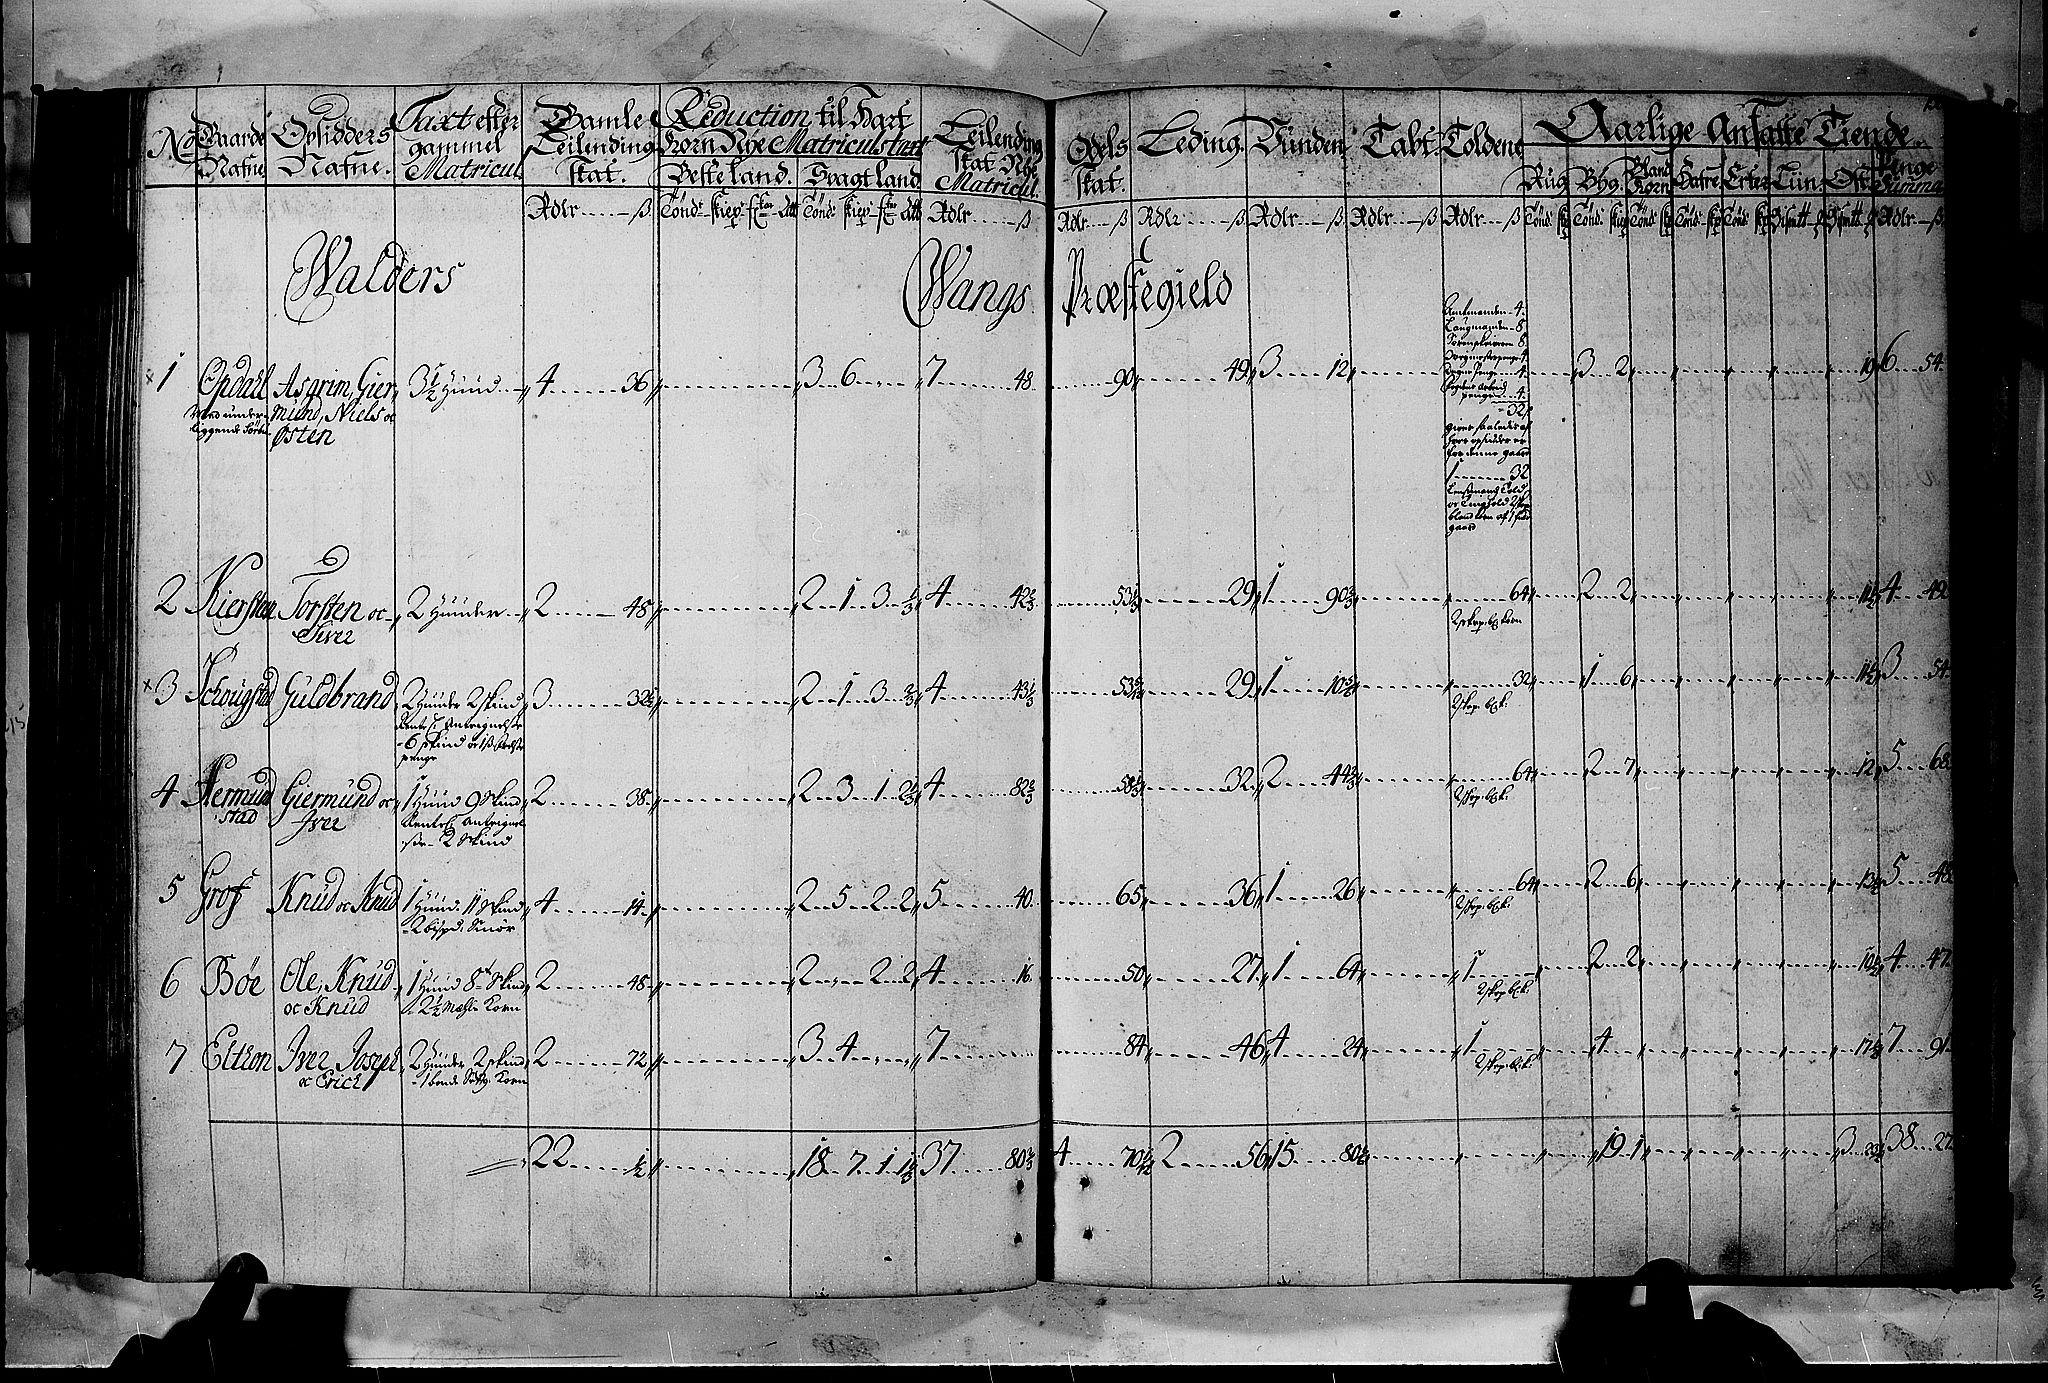 RA, Rentekammeret inntil 1814, Realistisk ordnet avdeling, N/Nb/Nbf/L0105: Hadeland, Toten og Valdres matrikkelprotokoll, 1723, s. 129b-130a